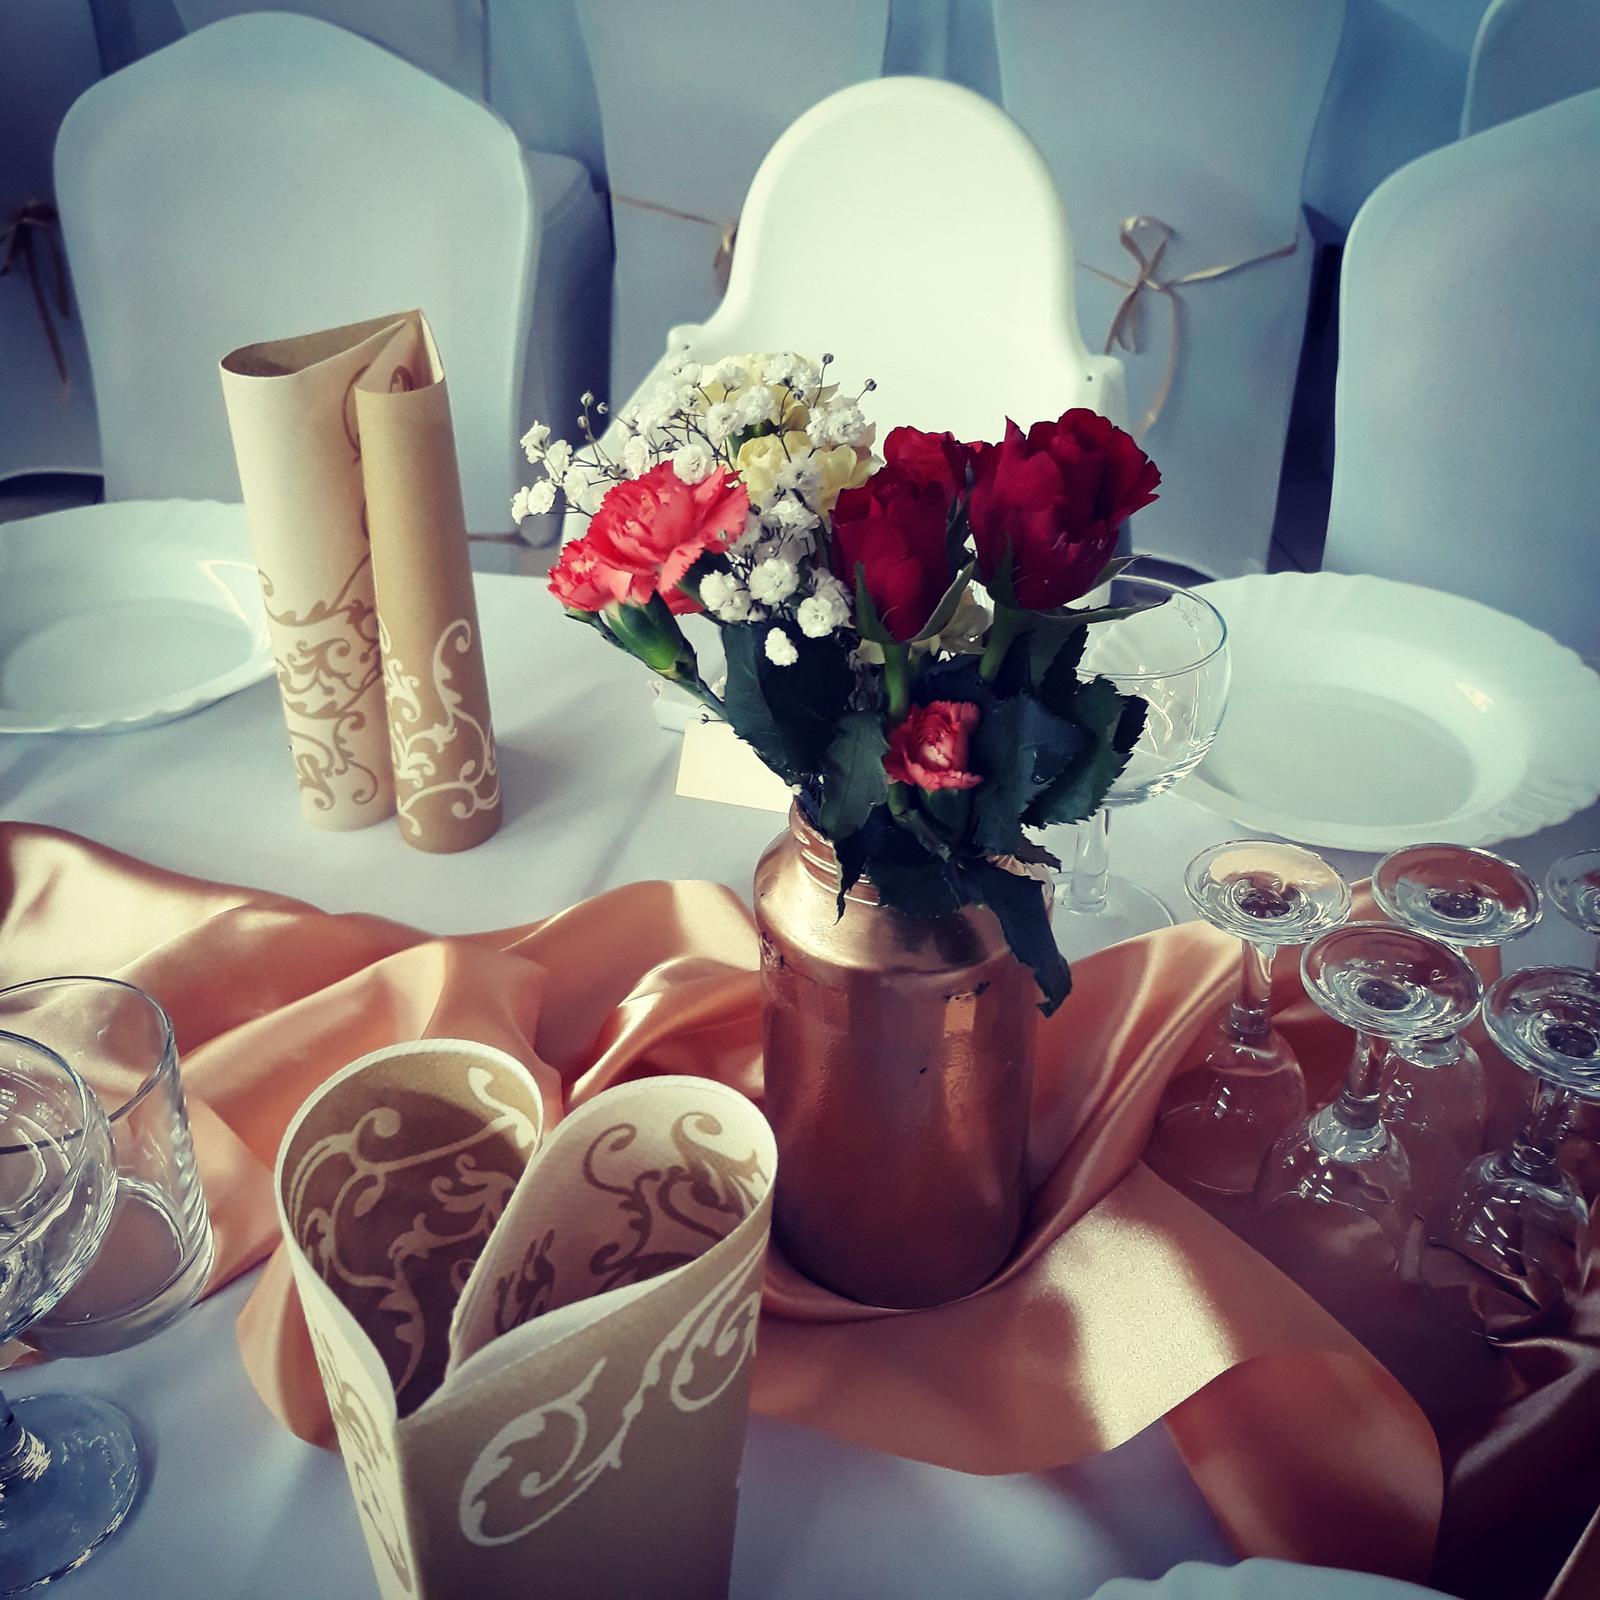 Svadobná výzdoba a plánovanie svadby na mieru - Obrázok č. 1